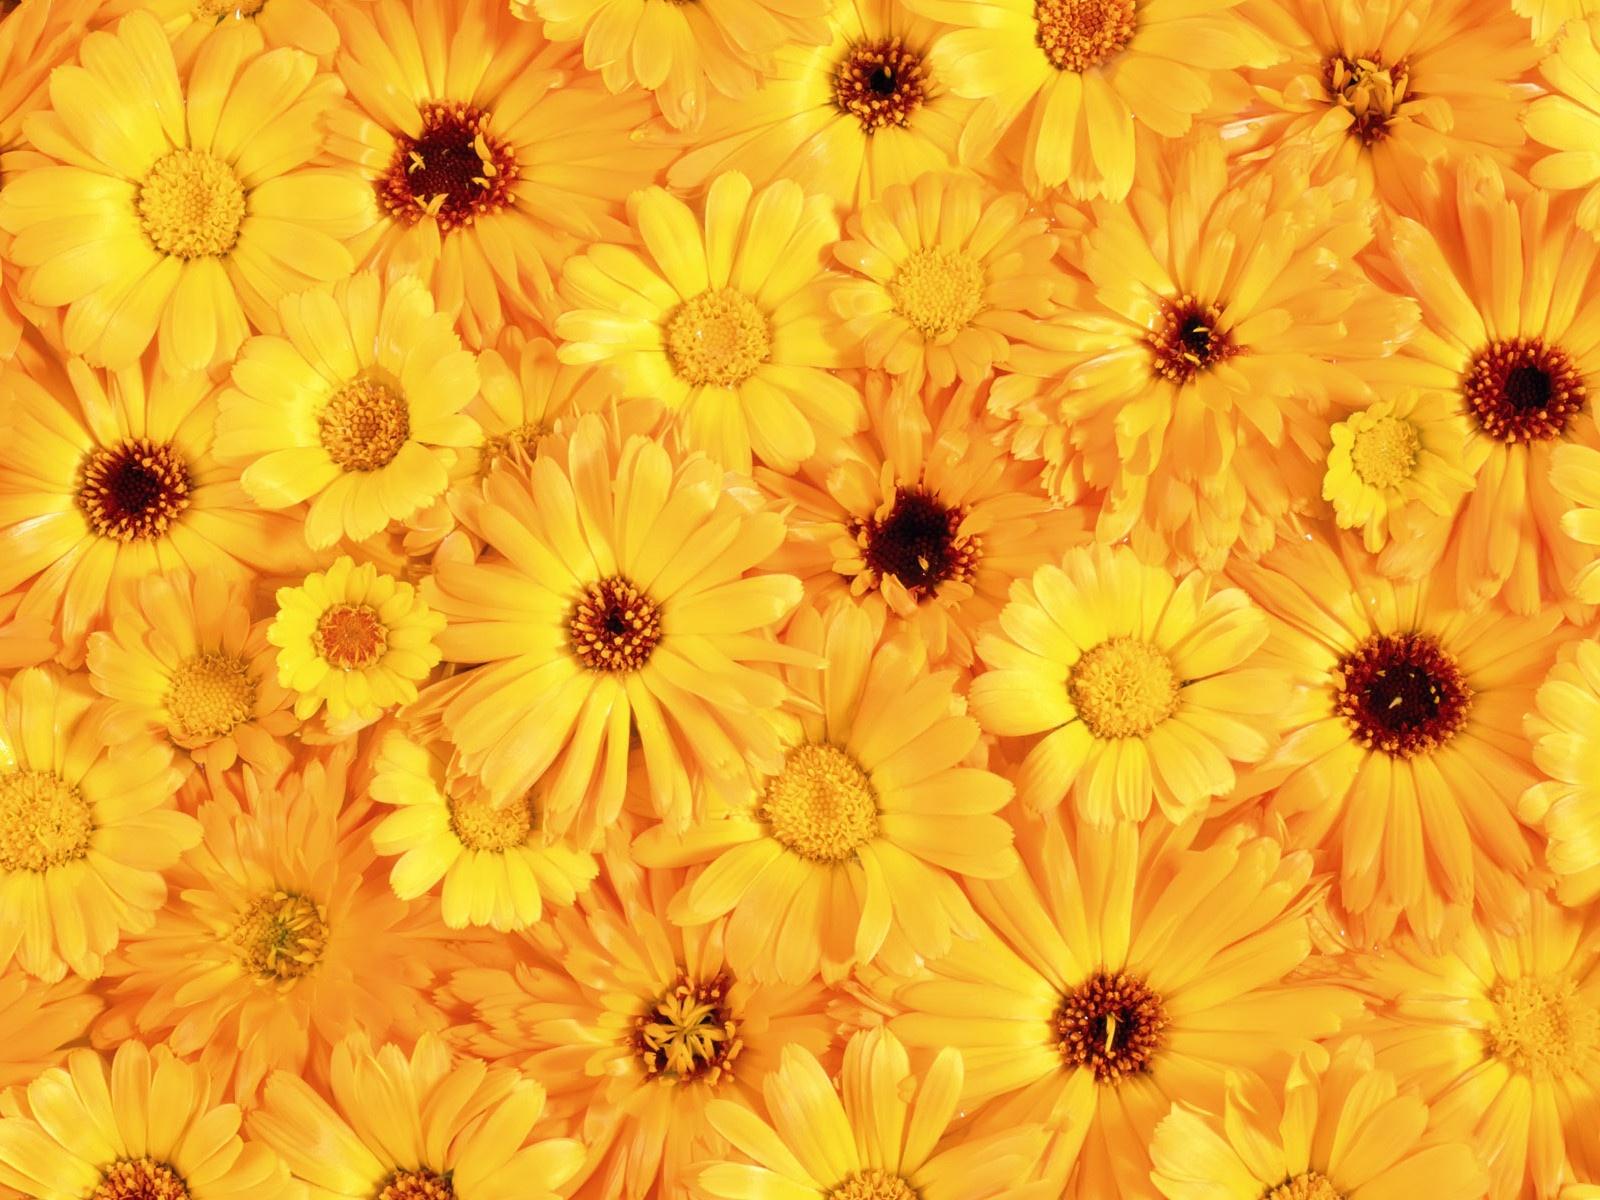 Yellow Flowers 120 High Resolution Wallpaper Hdflowerwallpaper